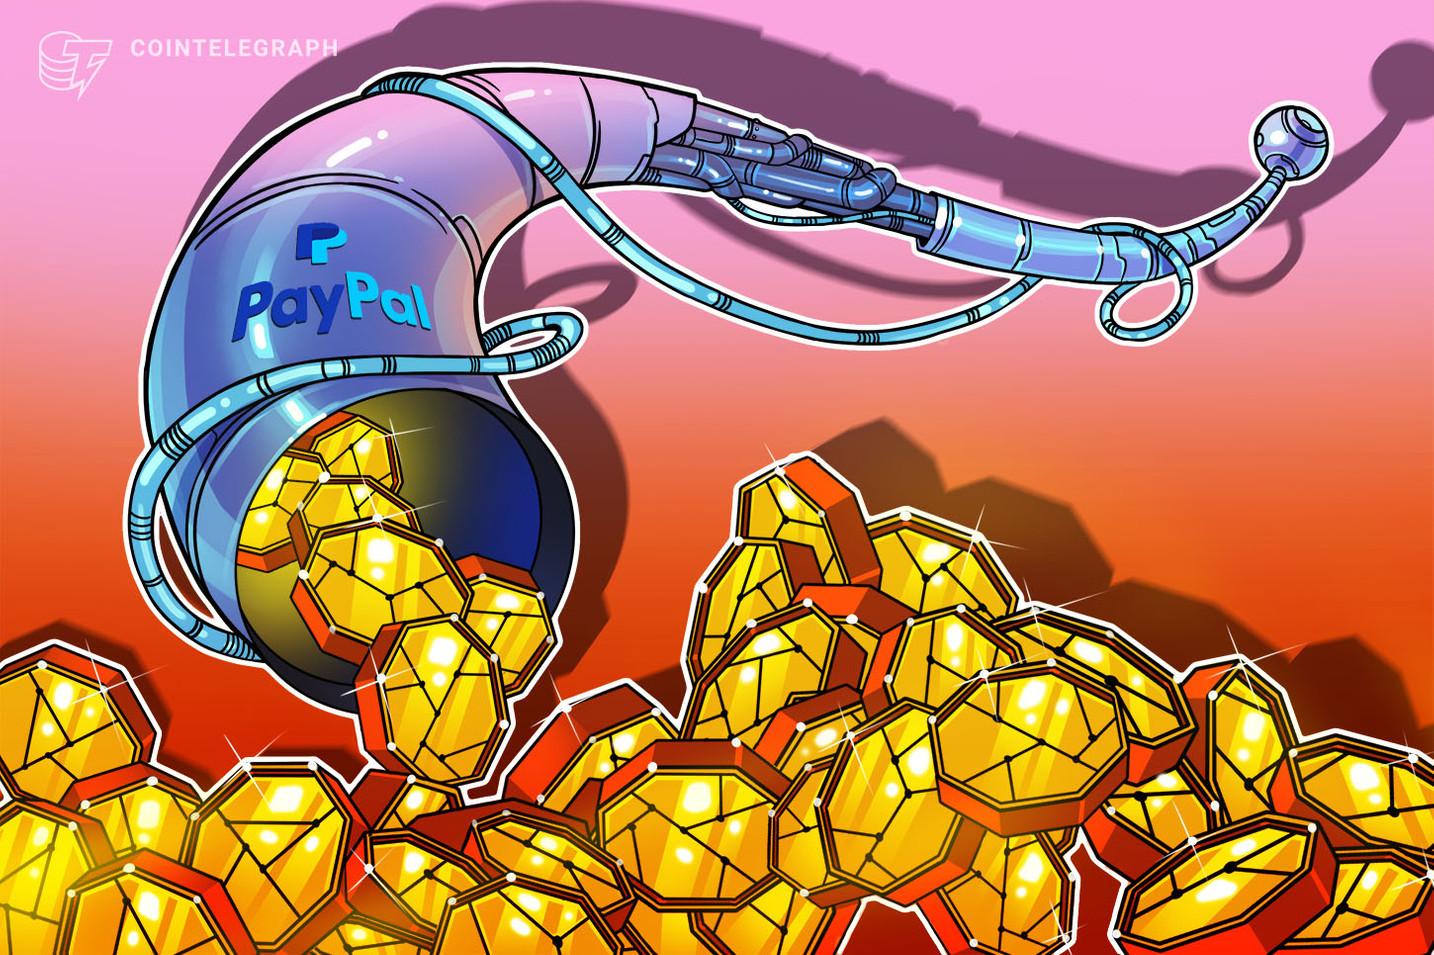 PayPal gatavojas sākt kriptogrāfijas tirdzniecību Apvienotajā Karalistē un var izmantot DeFi